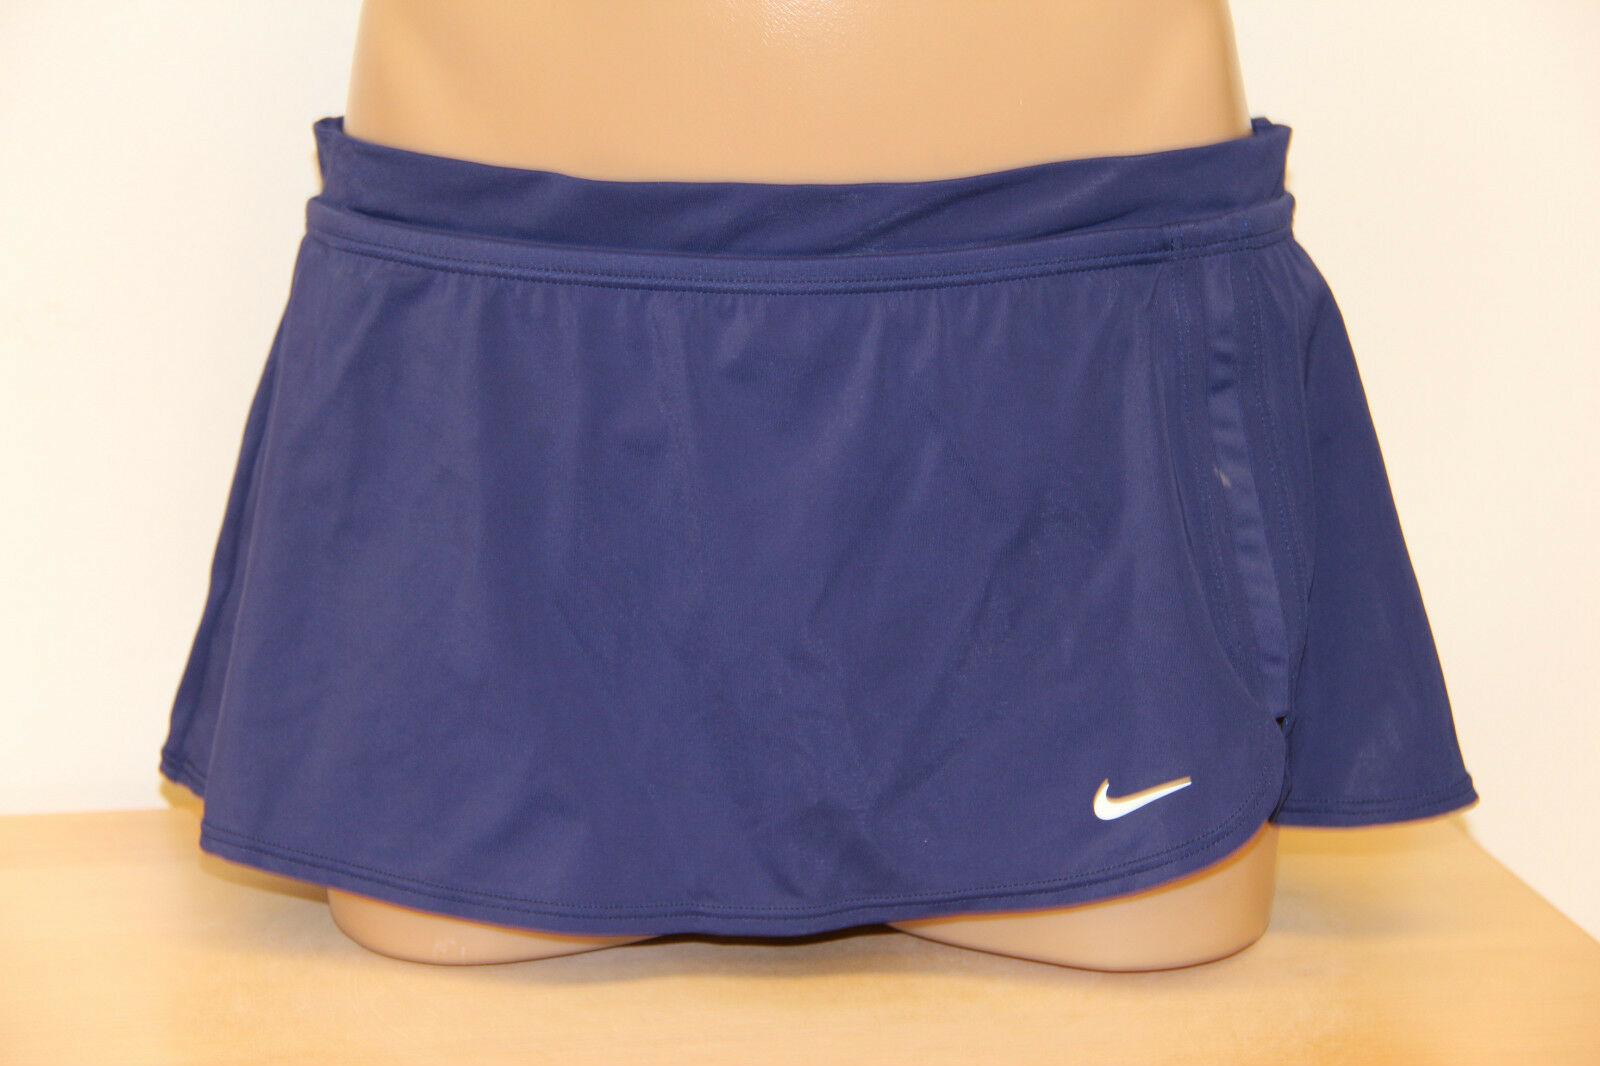 New Nike Swimsuit Bikini Skirted Bottom Skirt Navy Size 14